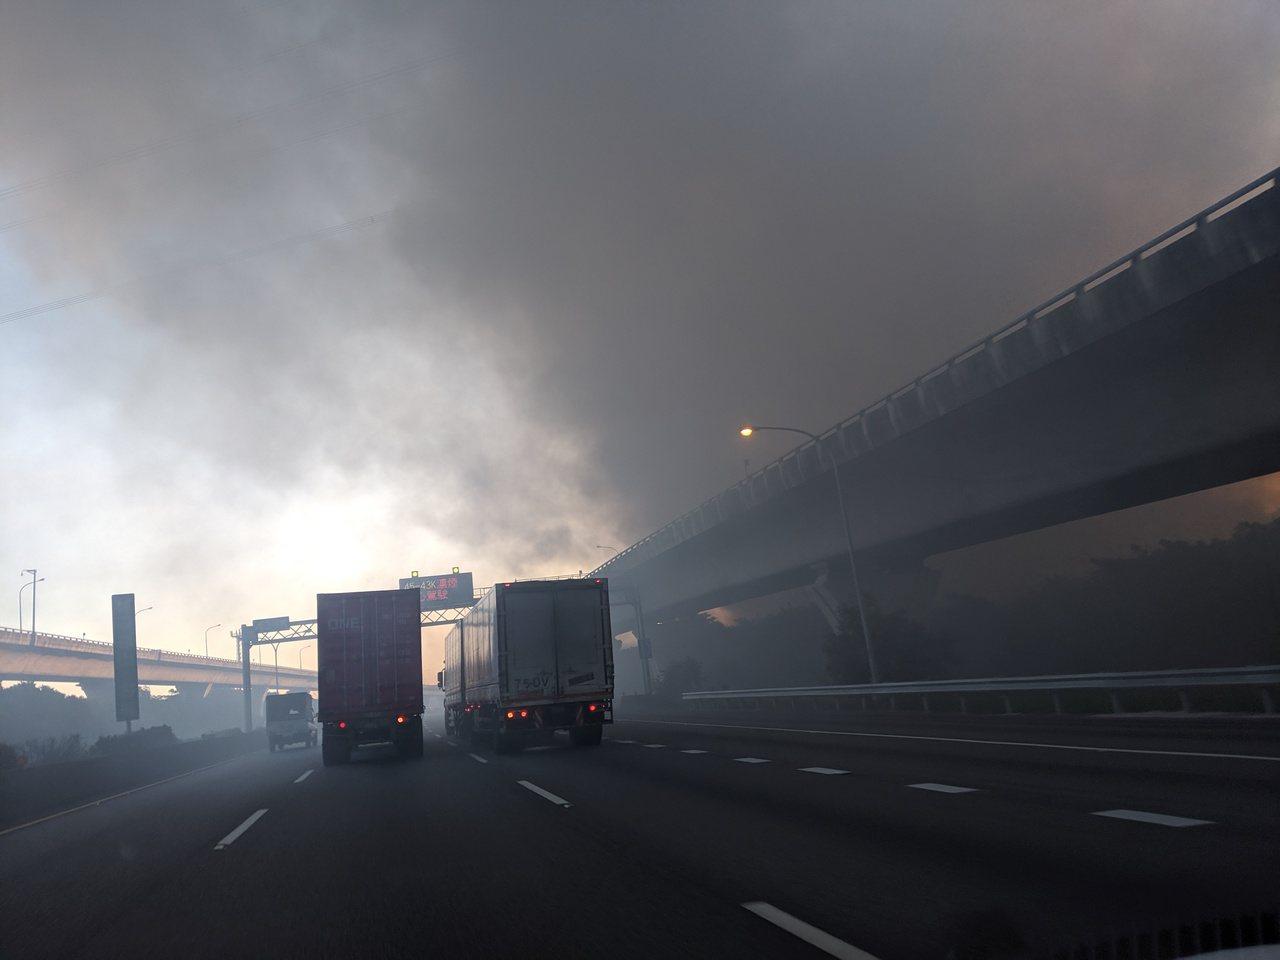 桃园市龟山区资收场火警,大量浓烟飘向一旁的国道一号林口路段。图/杨姓读者提供